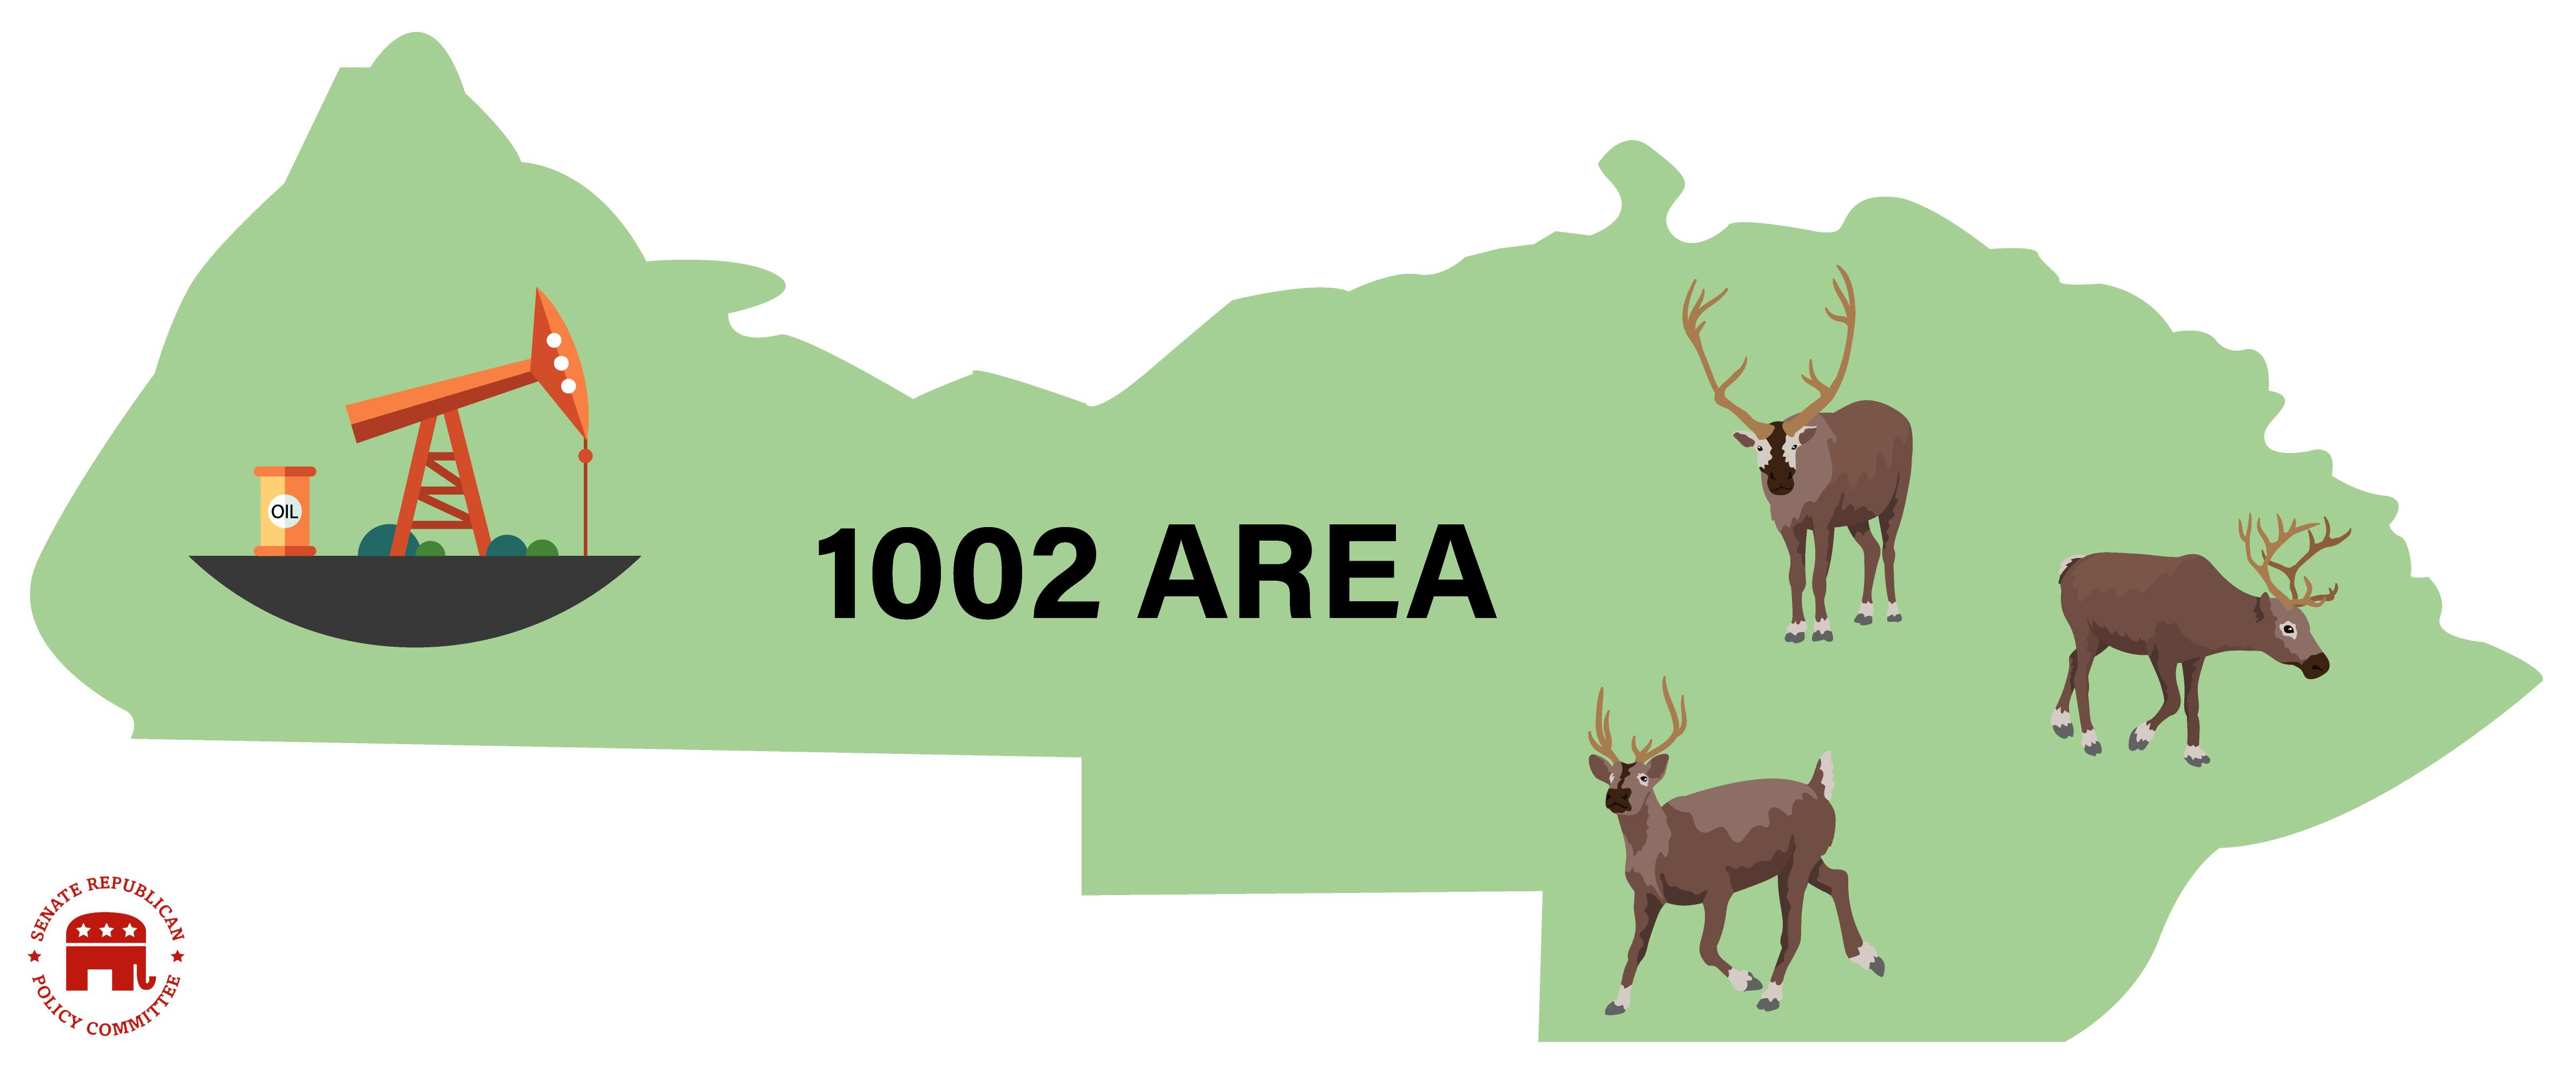 1002 Area